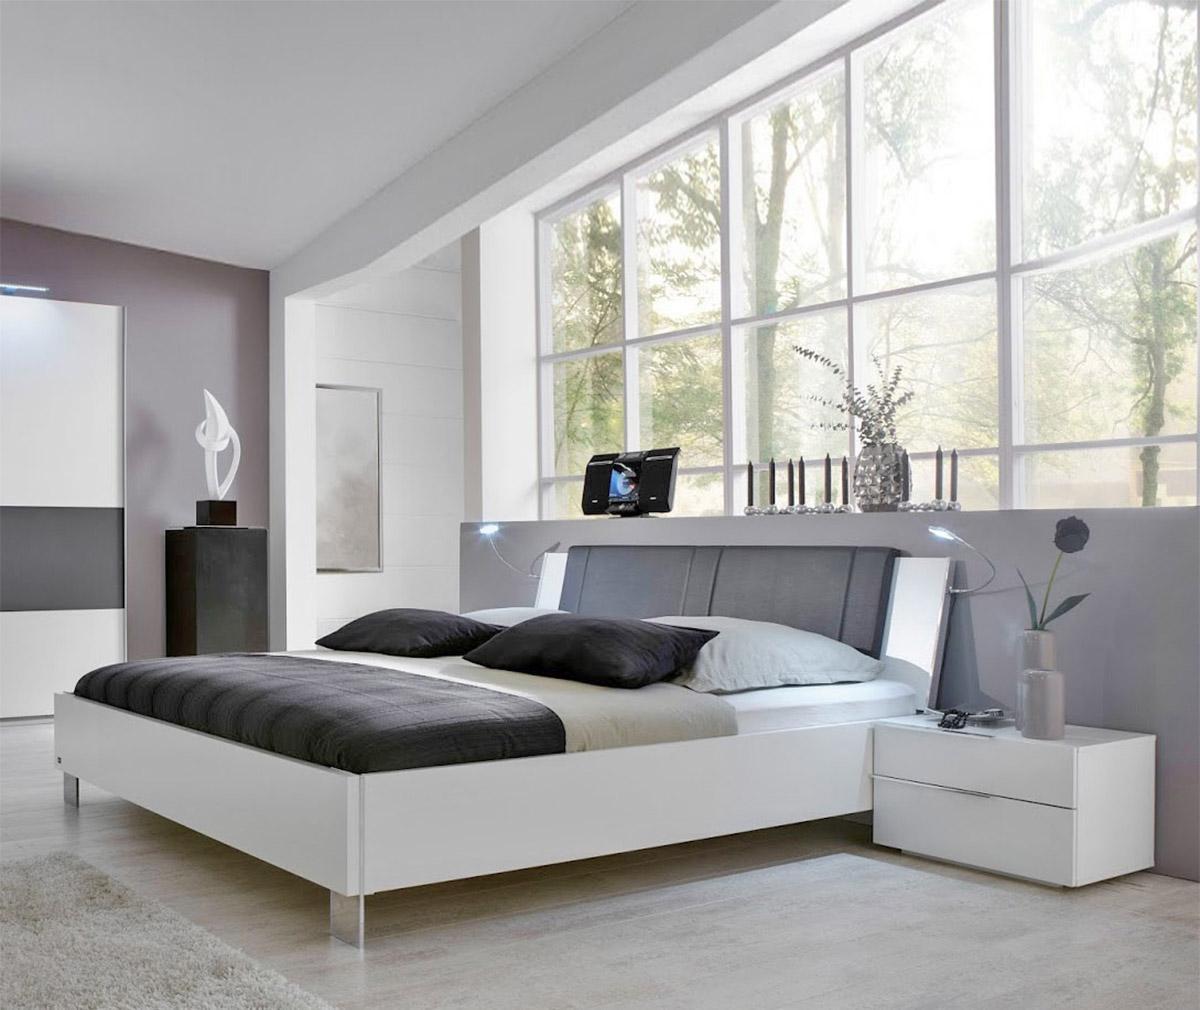 vật liệu Acrylic làm giường ngủ